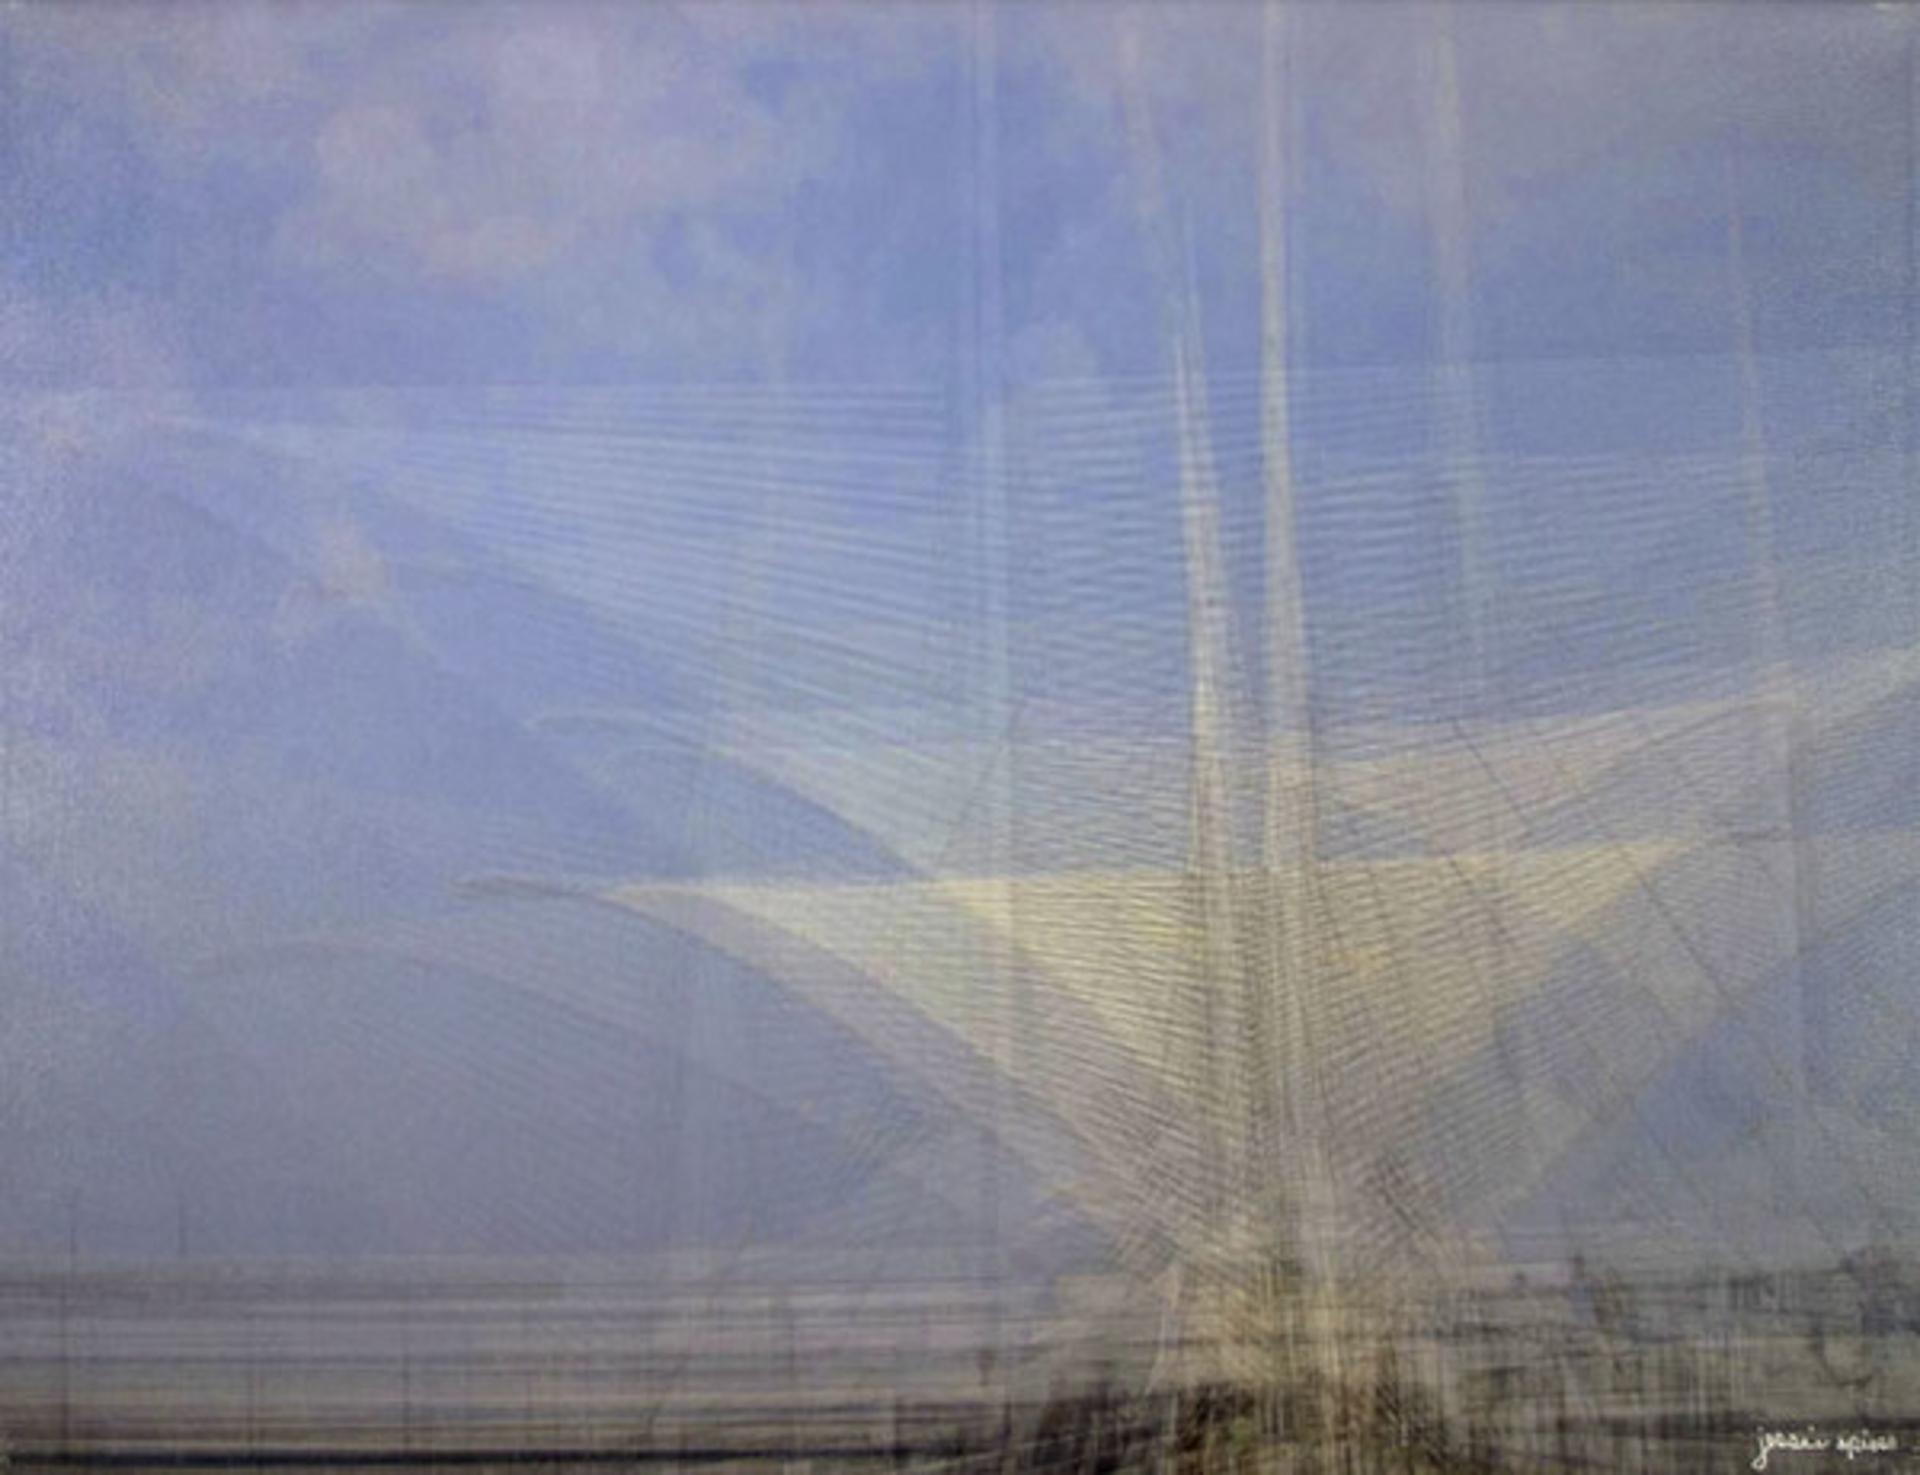 Impressions of Calatrava II by Jessie Spiess